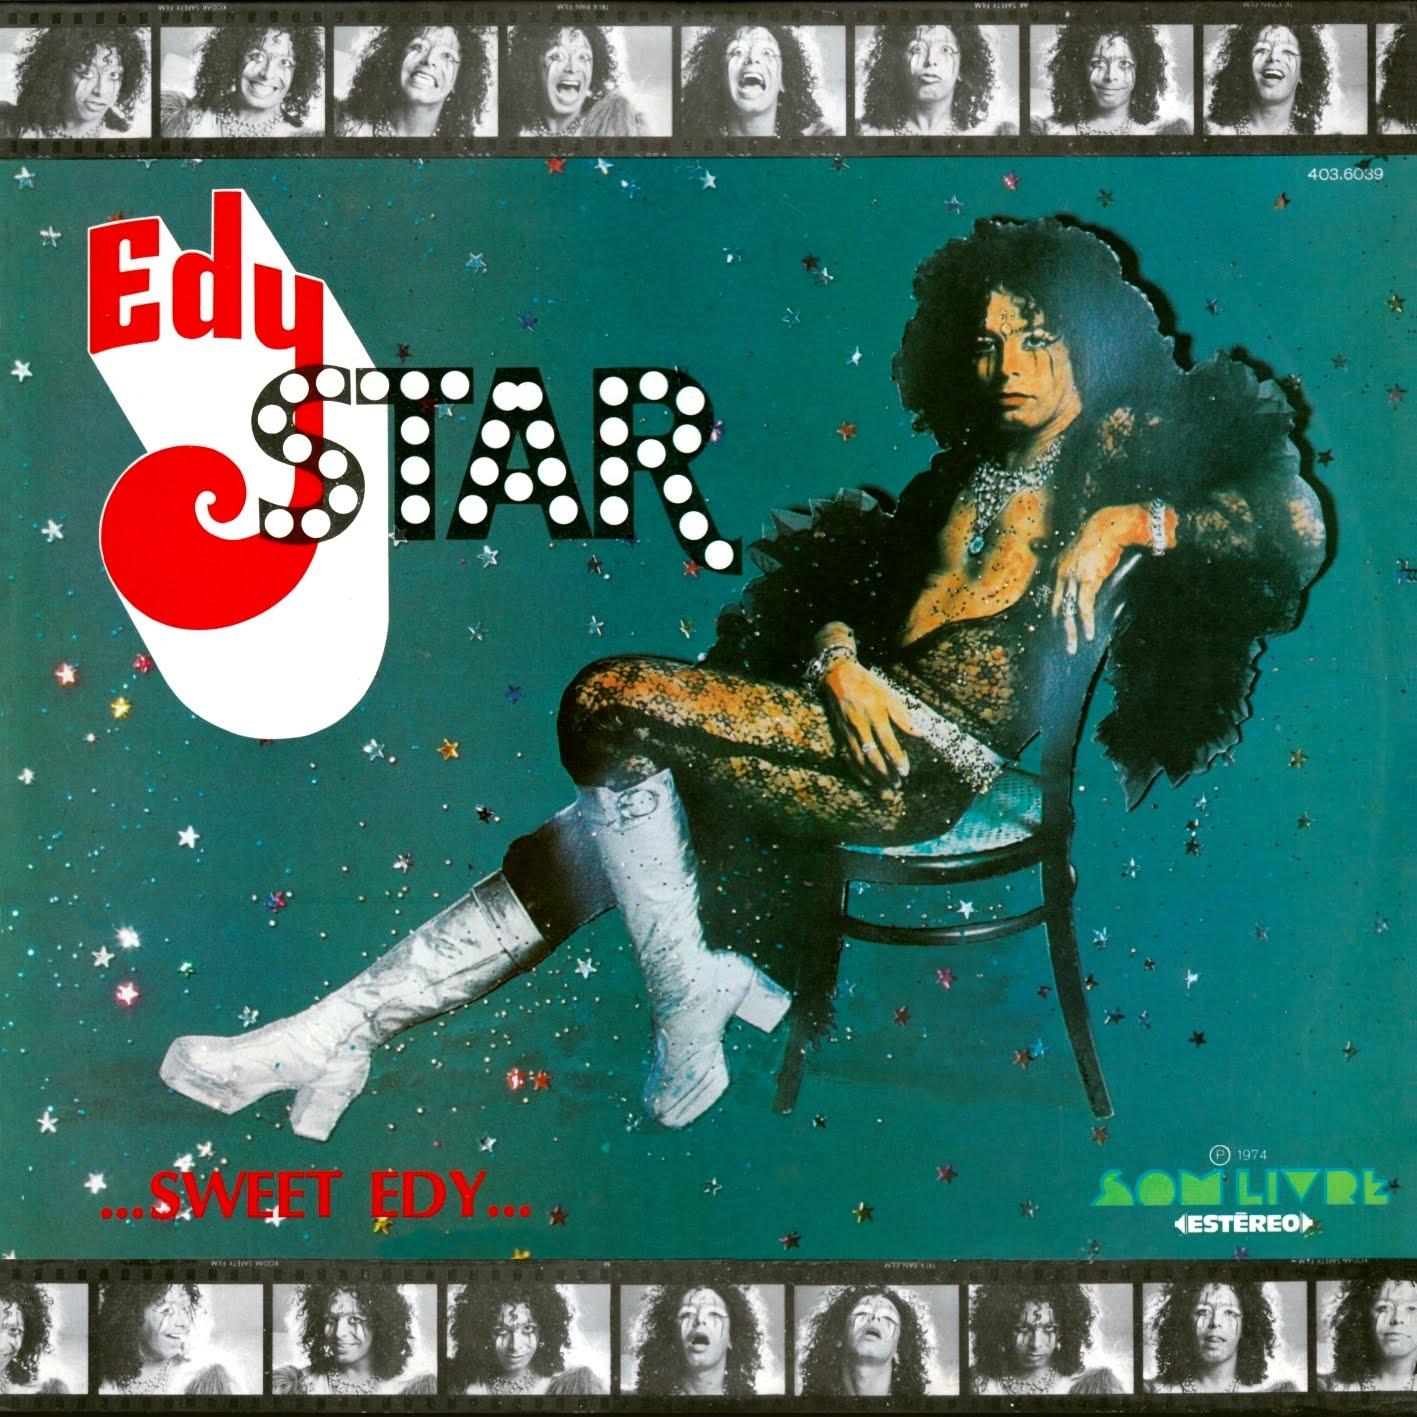 Joia Moderna relança 'Sweet Edy', pioneiro LP glam nacional de Edy Star